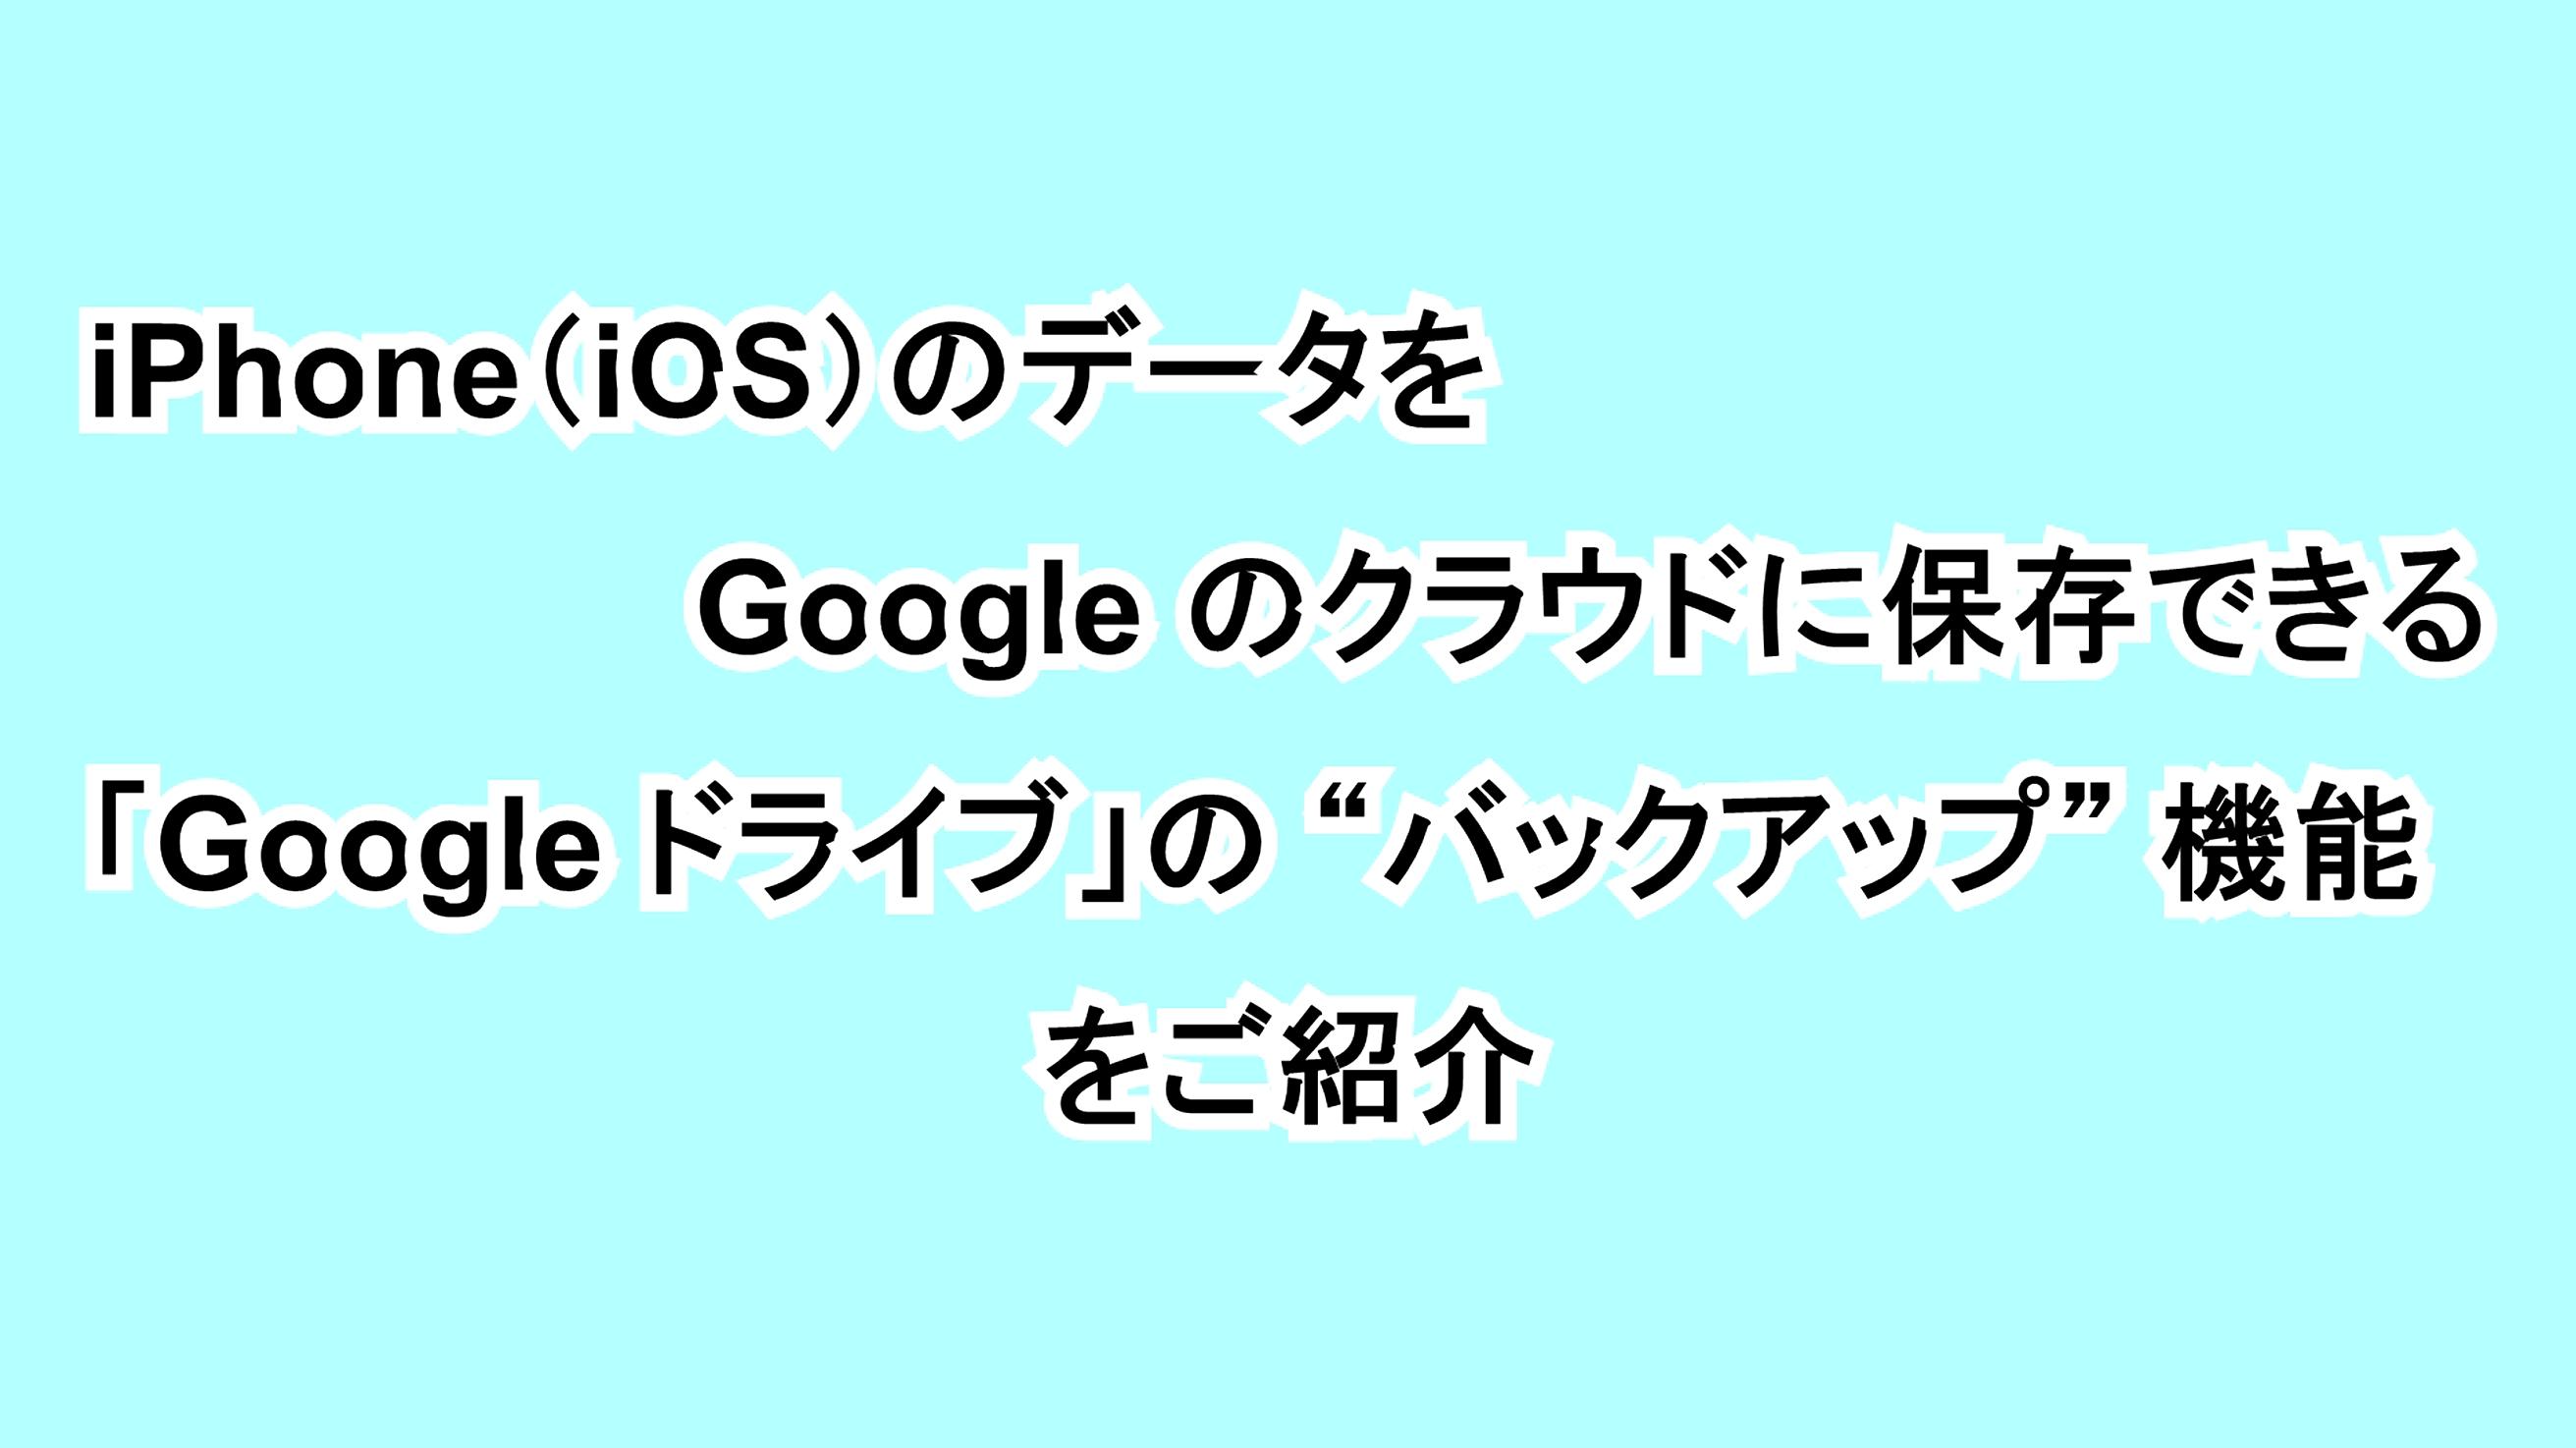 """iPhone(iOS)のデータをGoogleのクラウドに保存できる「Google ドライブ」の""""バックアップ""""機能をご紹介"""